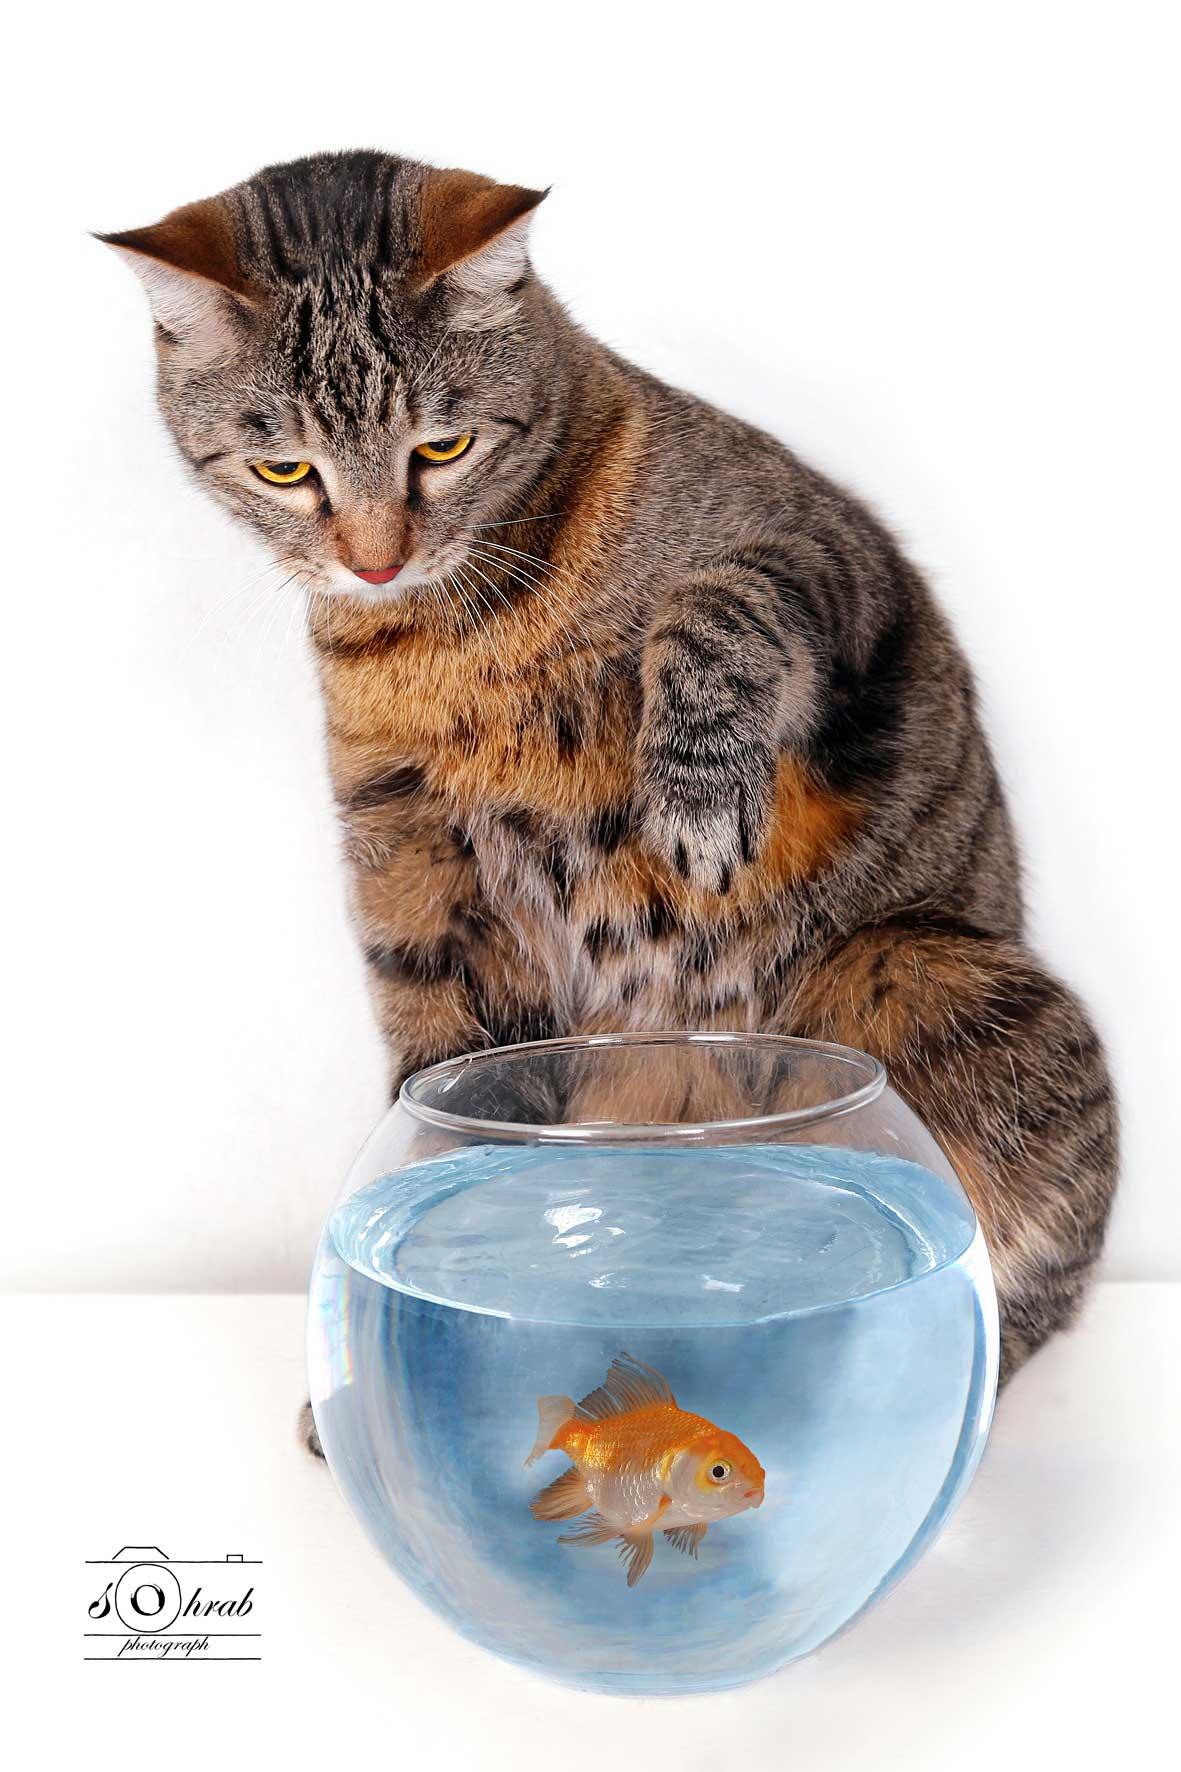 انجمن حمایت از حیوانات تهران